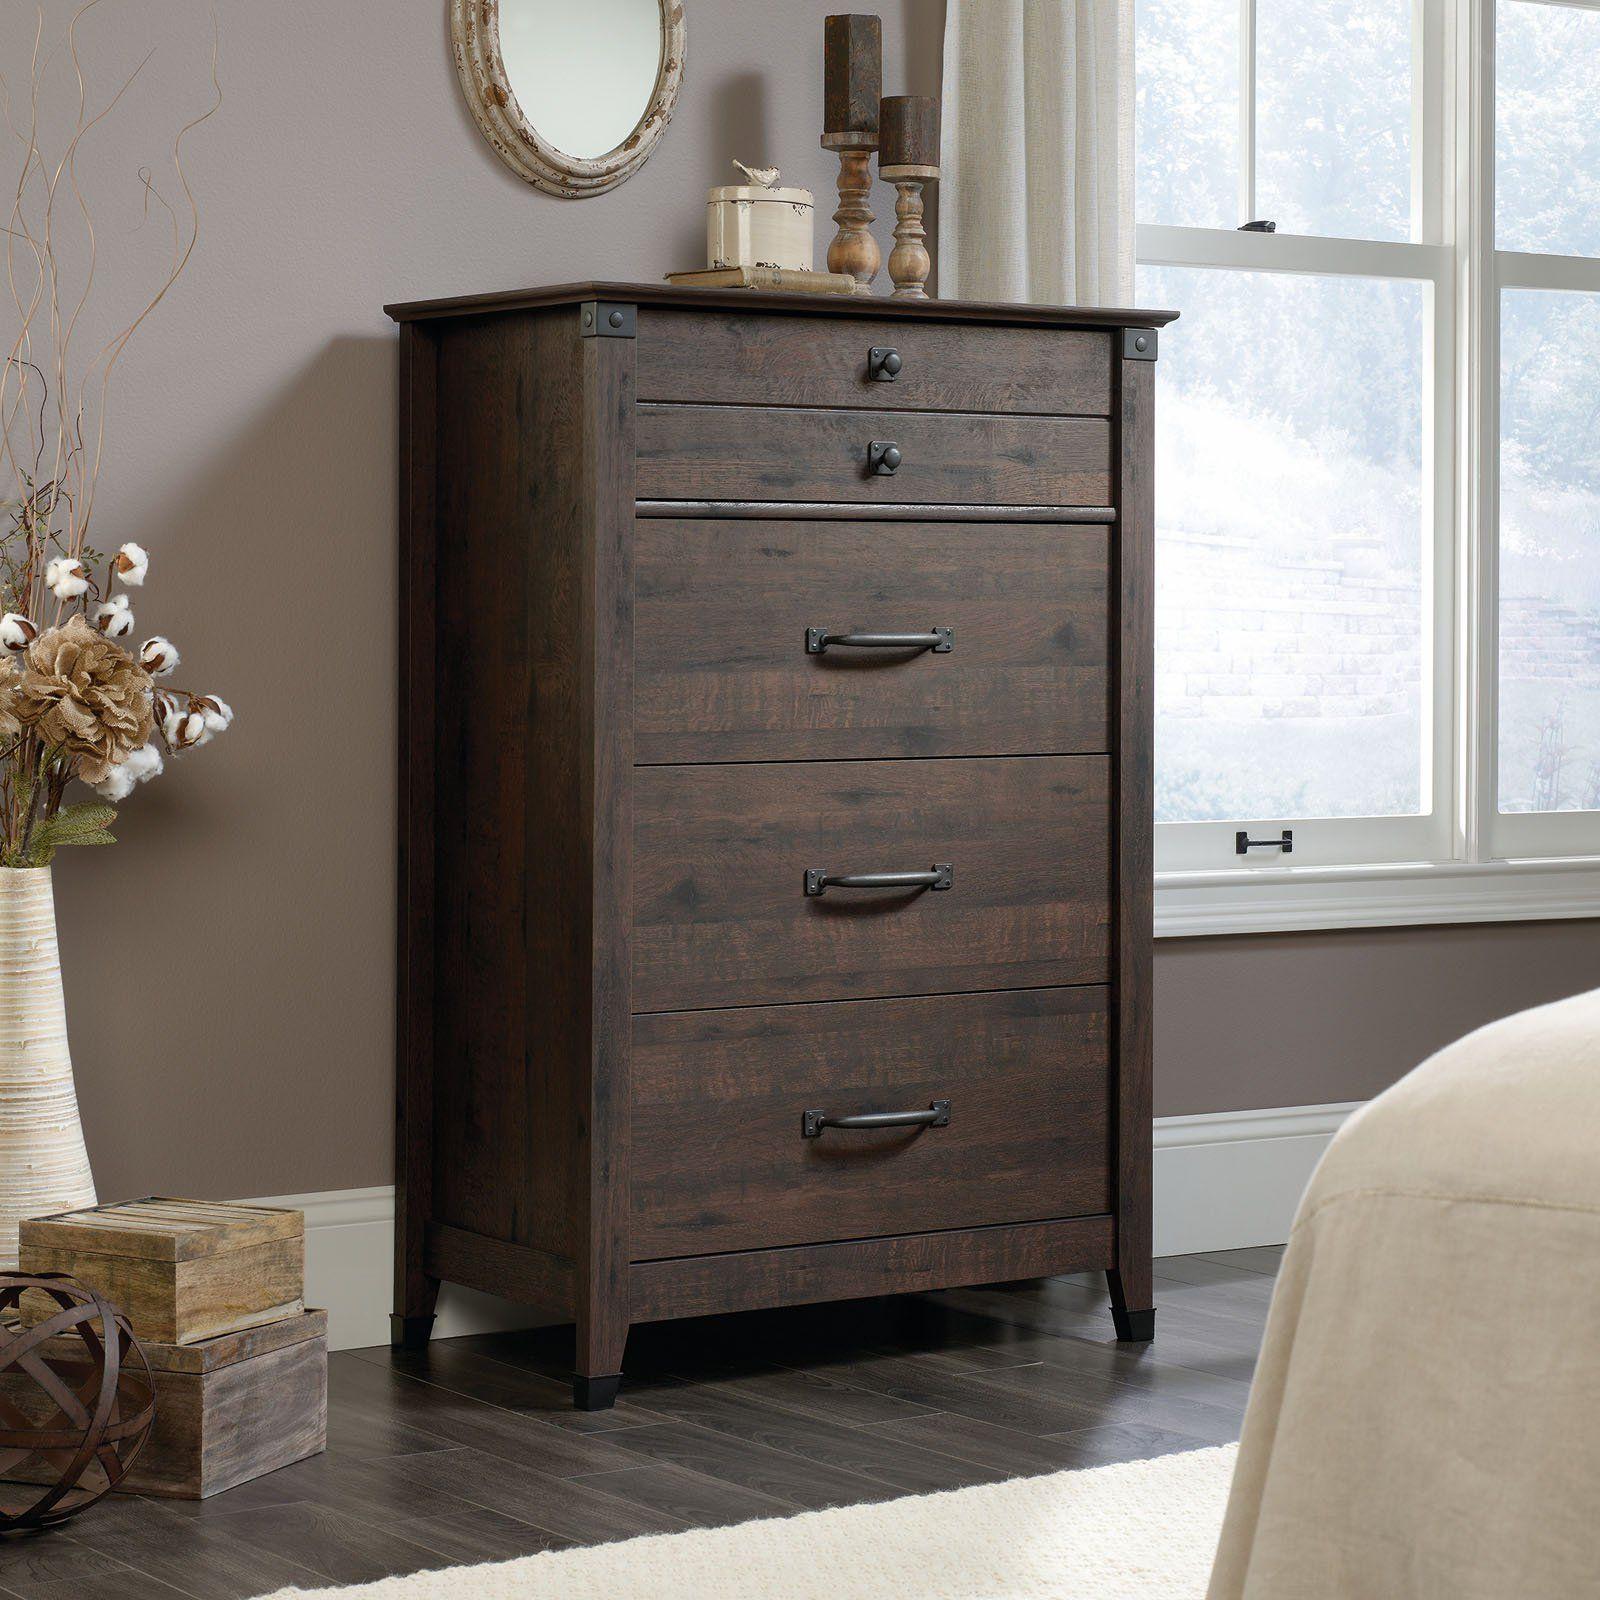 Best Sauder Carson Forge 4 Drawer Chest Furniture Sauder 400 x 300